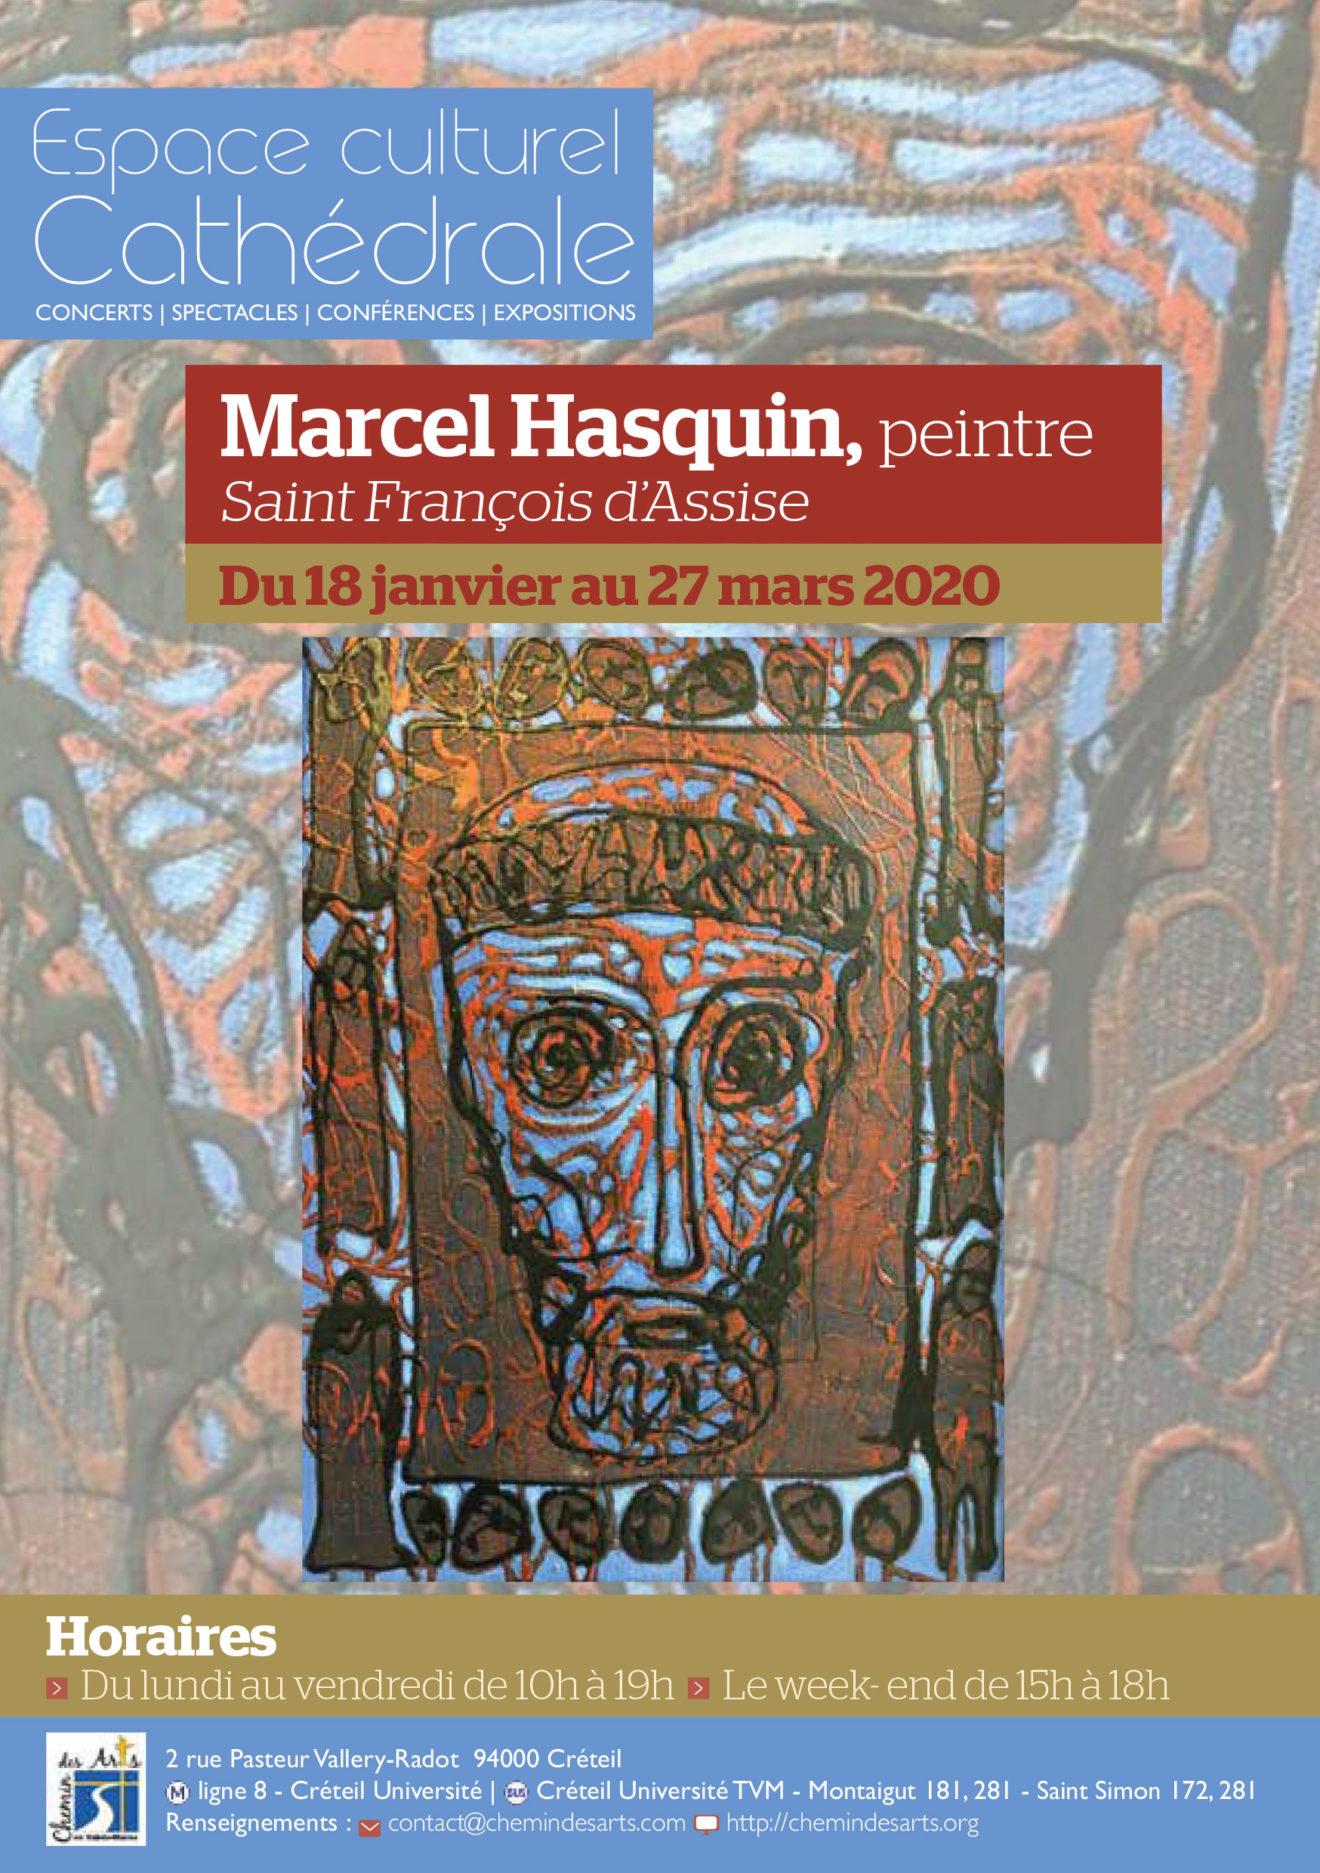 Exposition de Marcel Hasquin jusqu'au 27 mars 2020 : La vie de Saint François d'Assise